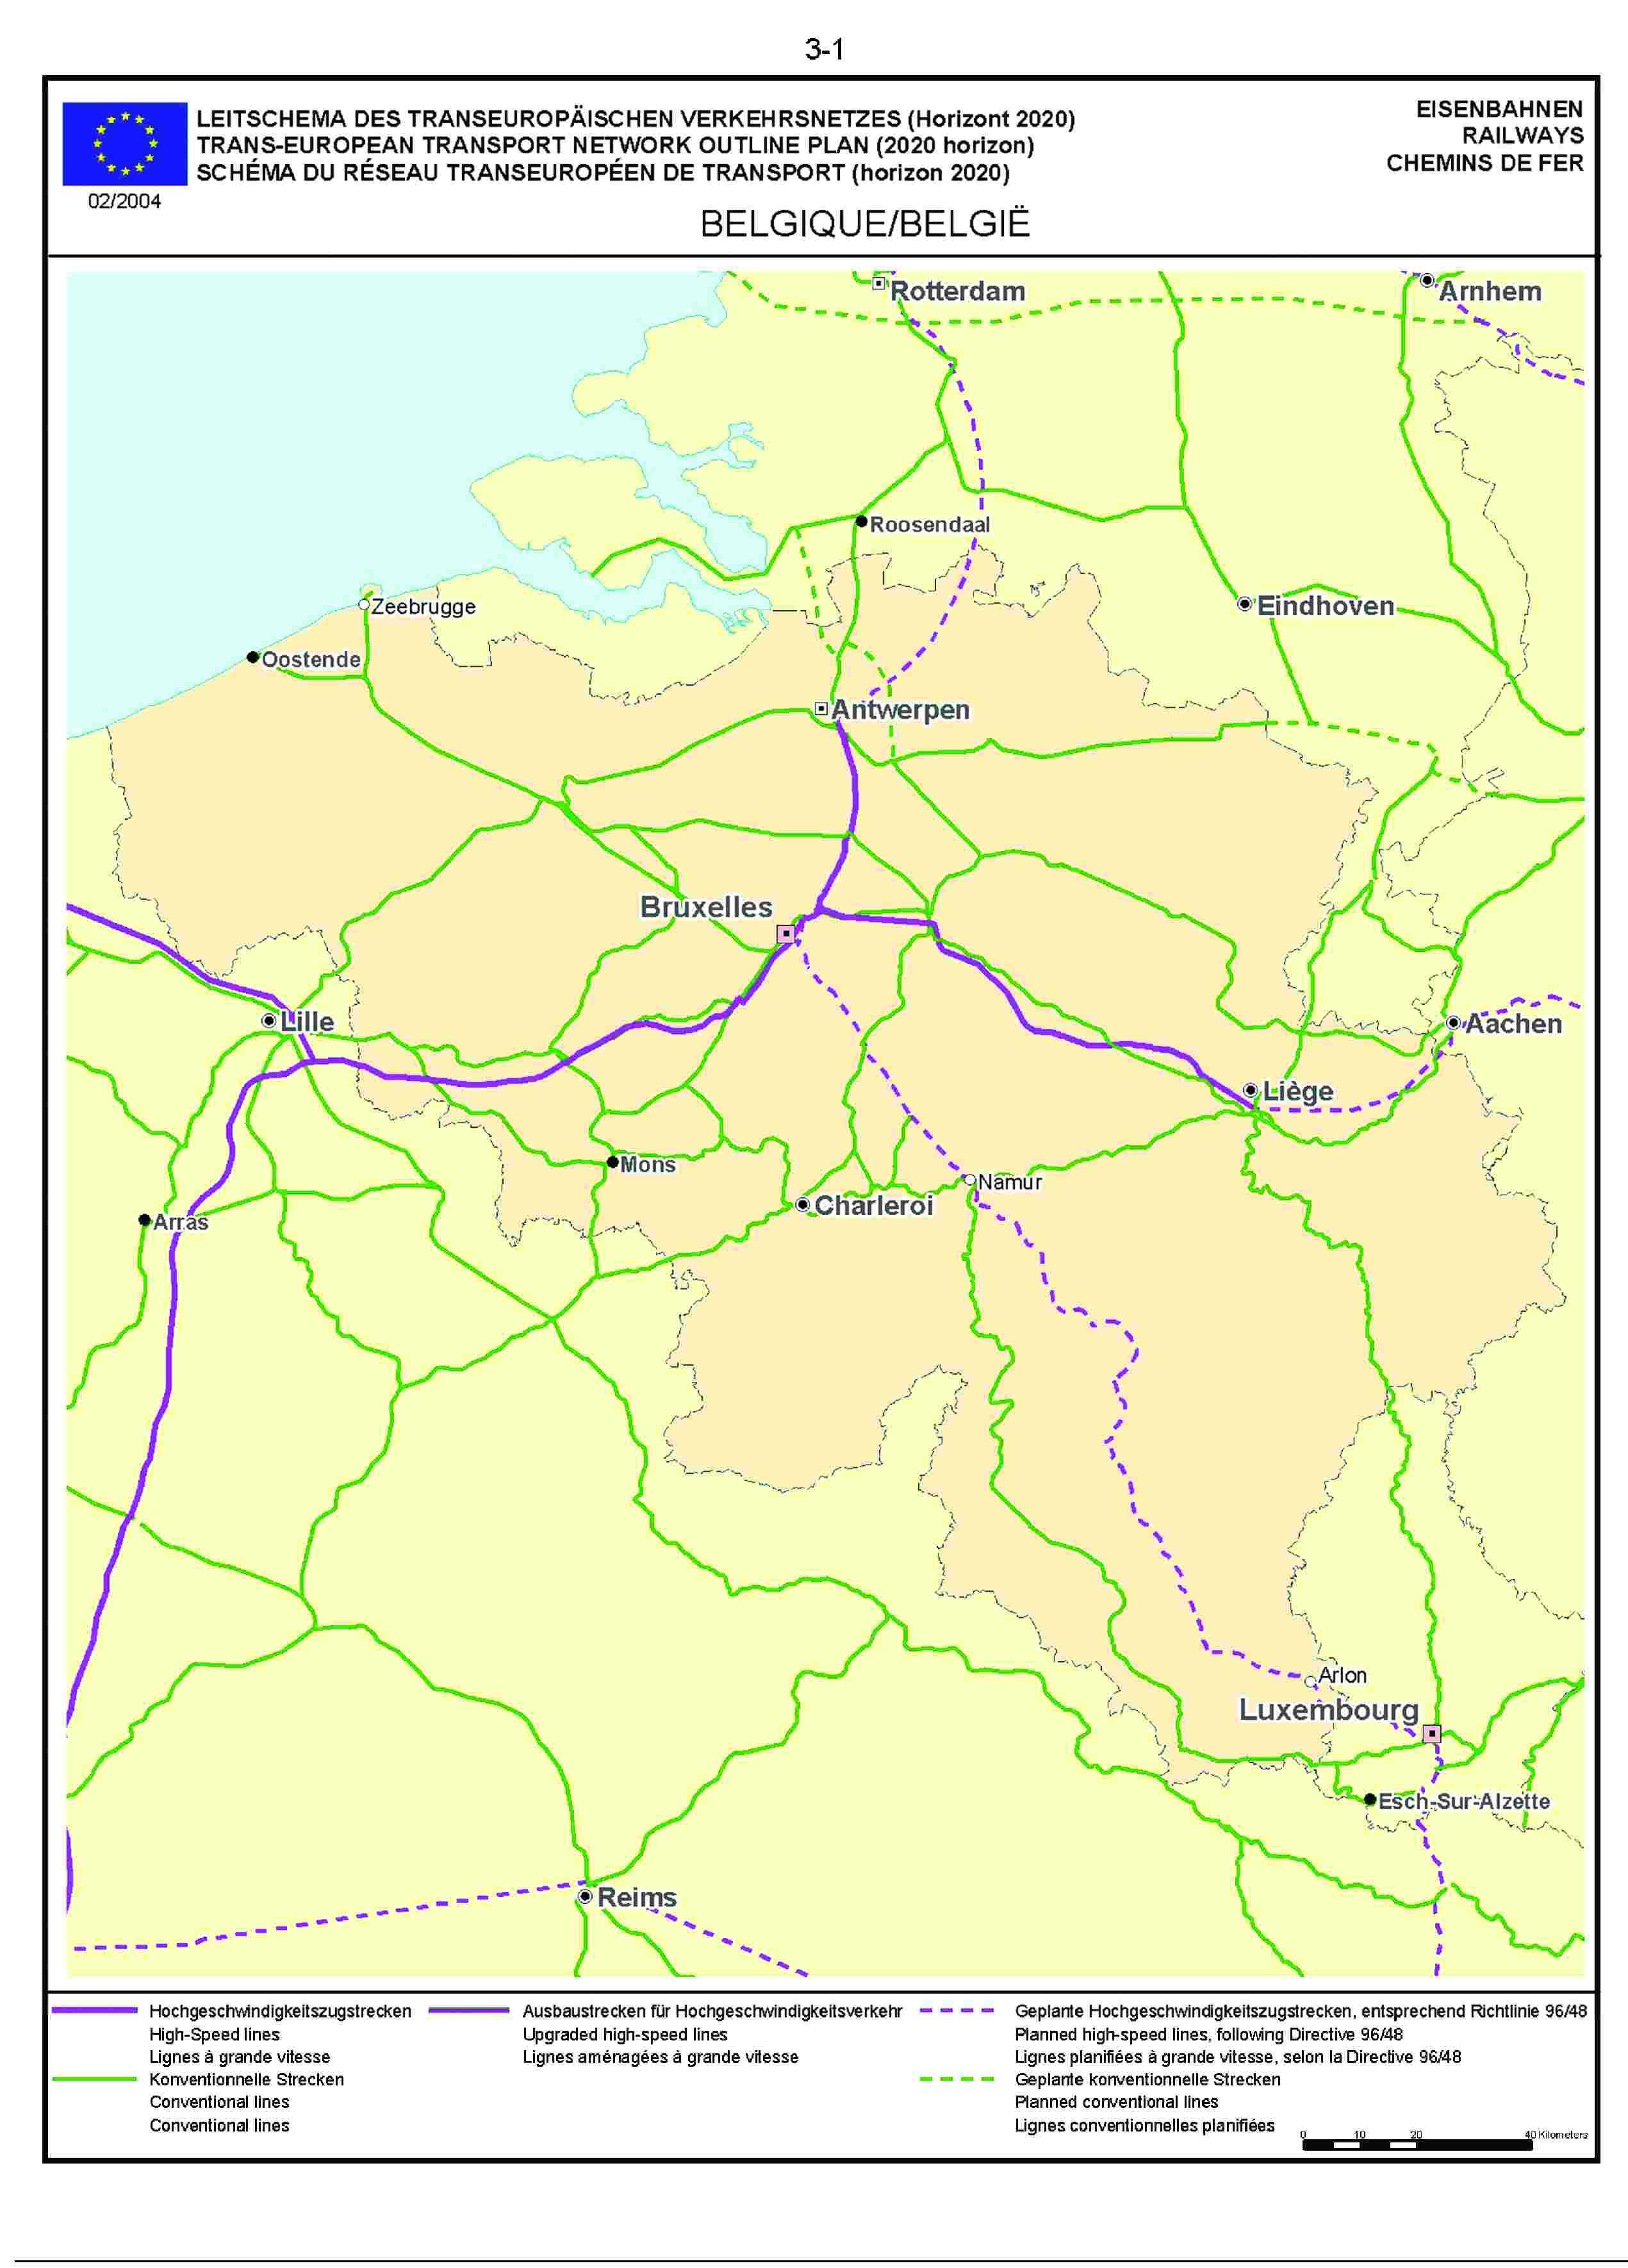 3.1LEITSCHEMA DES TRANSEUROPÄISCHEN VERKEHRSNETZES (Horizont 2020) EISENBAHNENTRANS-EUROPEAN TRANSPORT NETWORK OUTLINE PLAN (2020 horizon) RAILWAYSSCHÉMA DU RÉSEAU TRANSEUROPÉEN DE TRANSPORT (horizon 2020) CHEMINS DE FER02/2004BELGIQUE/BELGIË